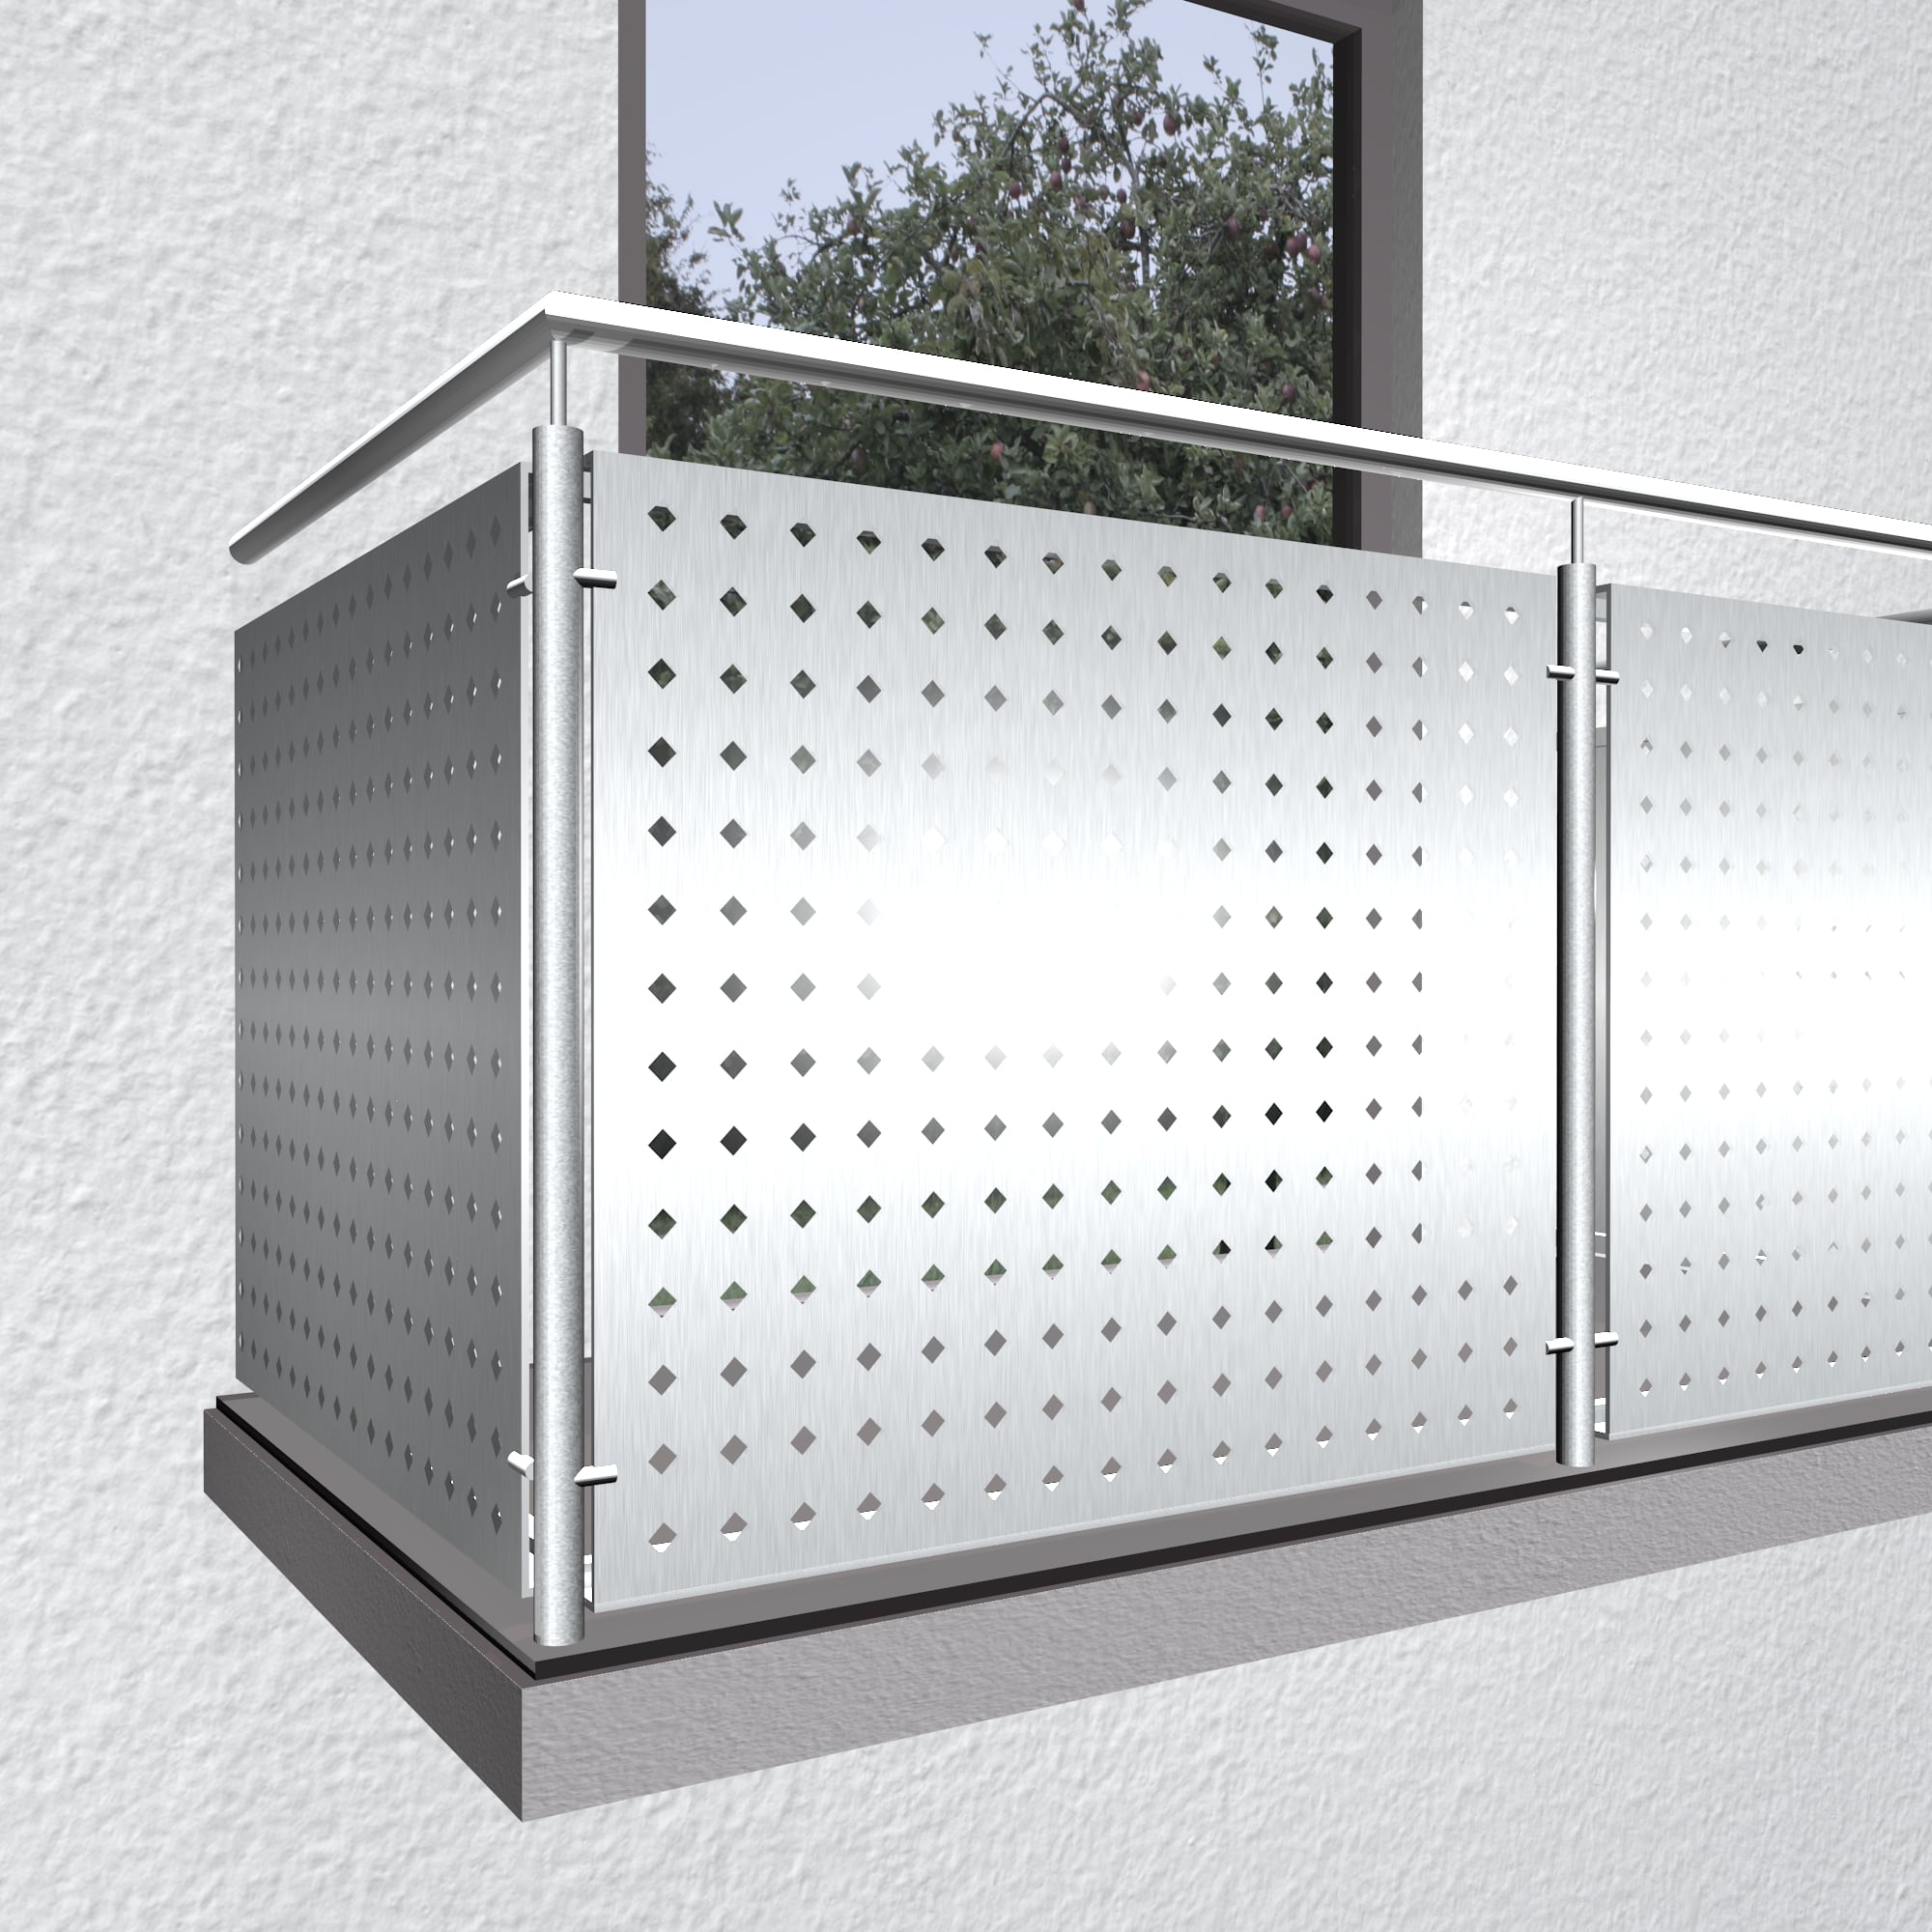 Balkonverkleidung Aluminium QL DI GE